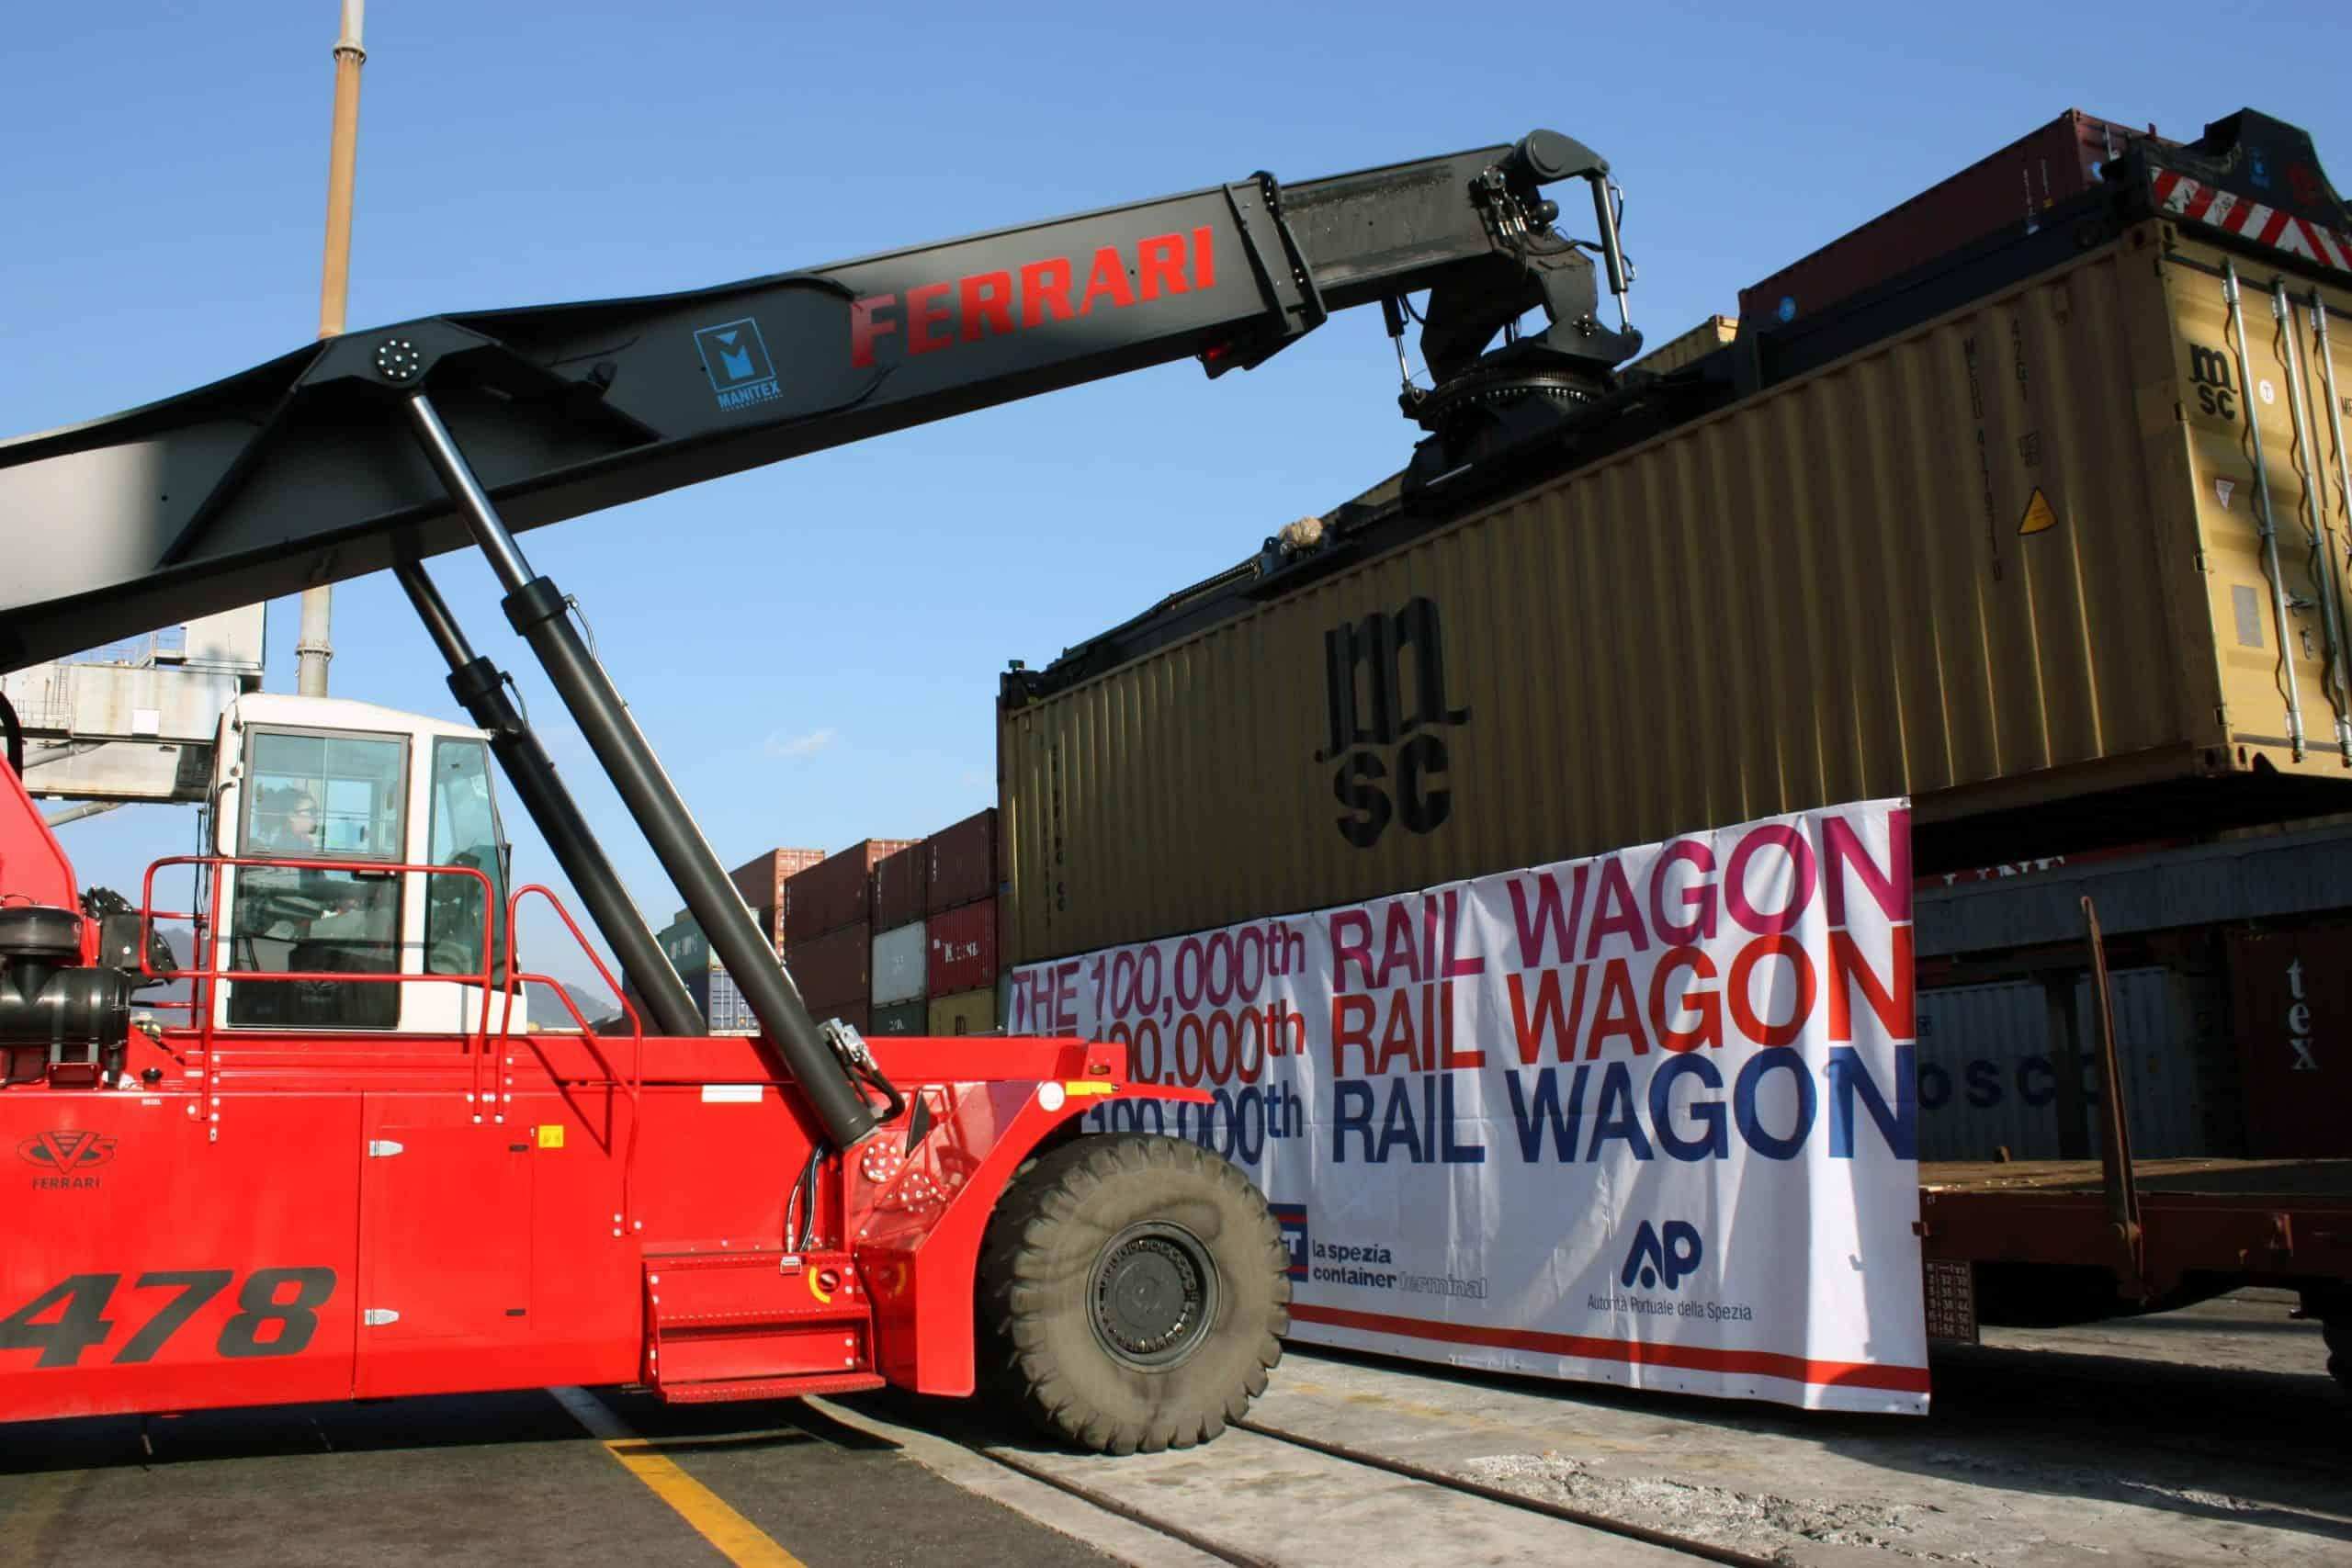 La Spezia celebrates 100,000 rail wagons